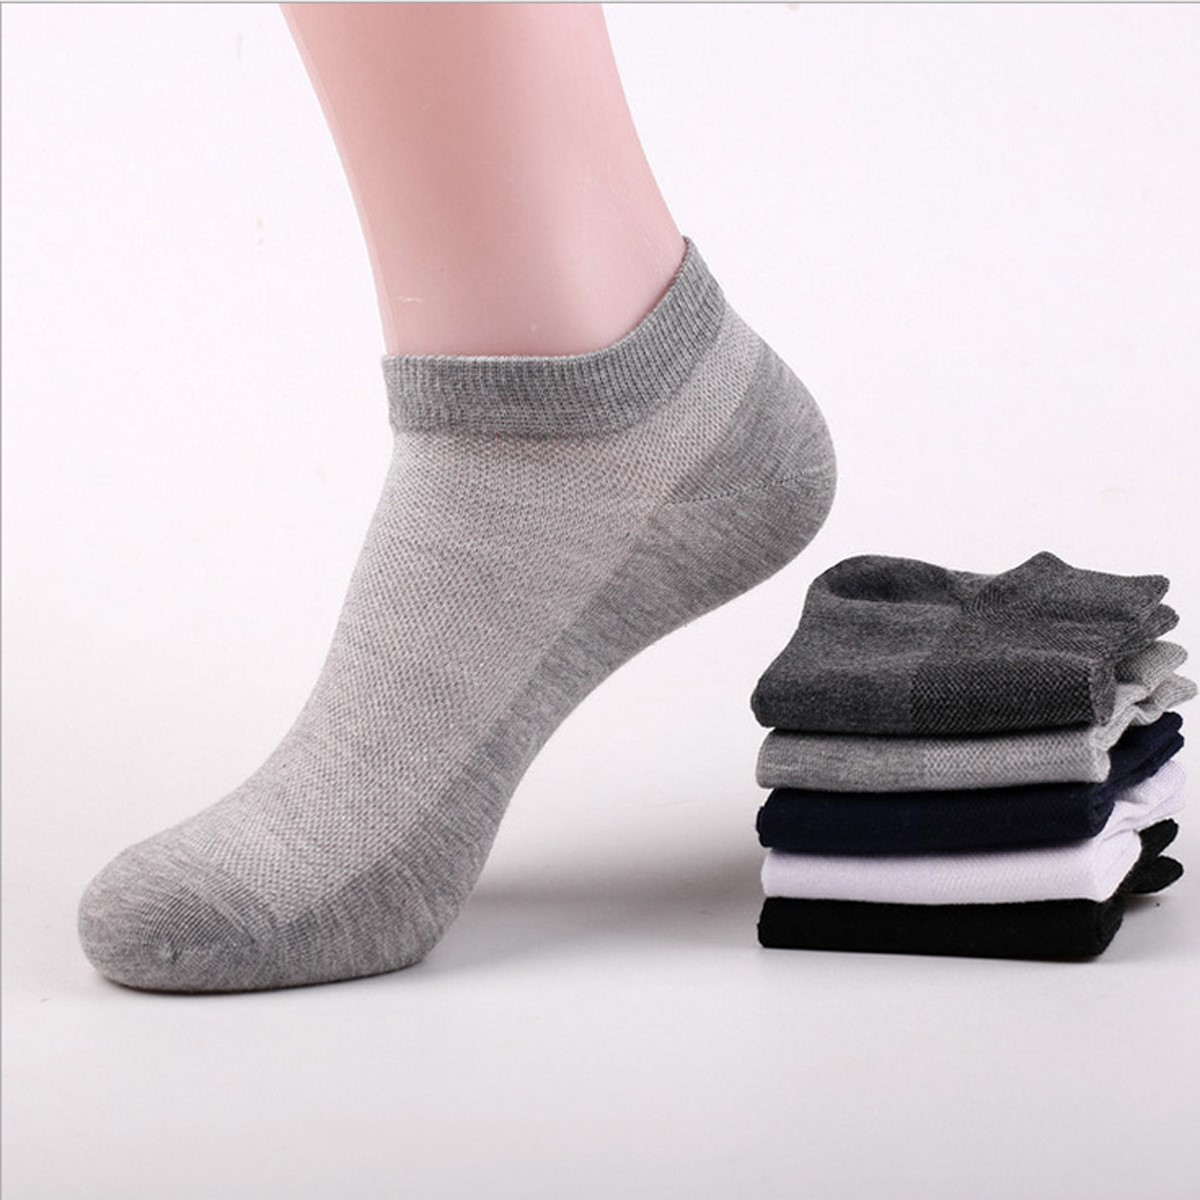 男款船袜青少年浅口低帮网眼夏天短袜男孩大童男女袜袜子夏季超薄